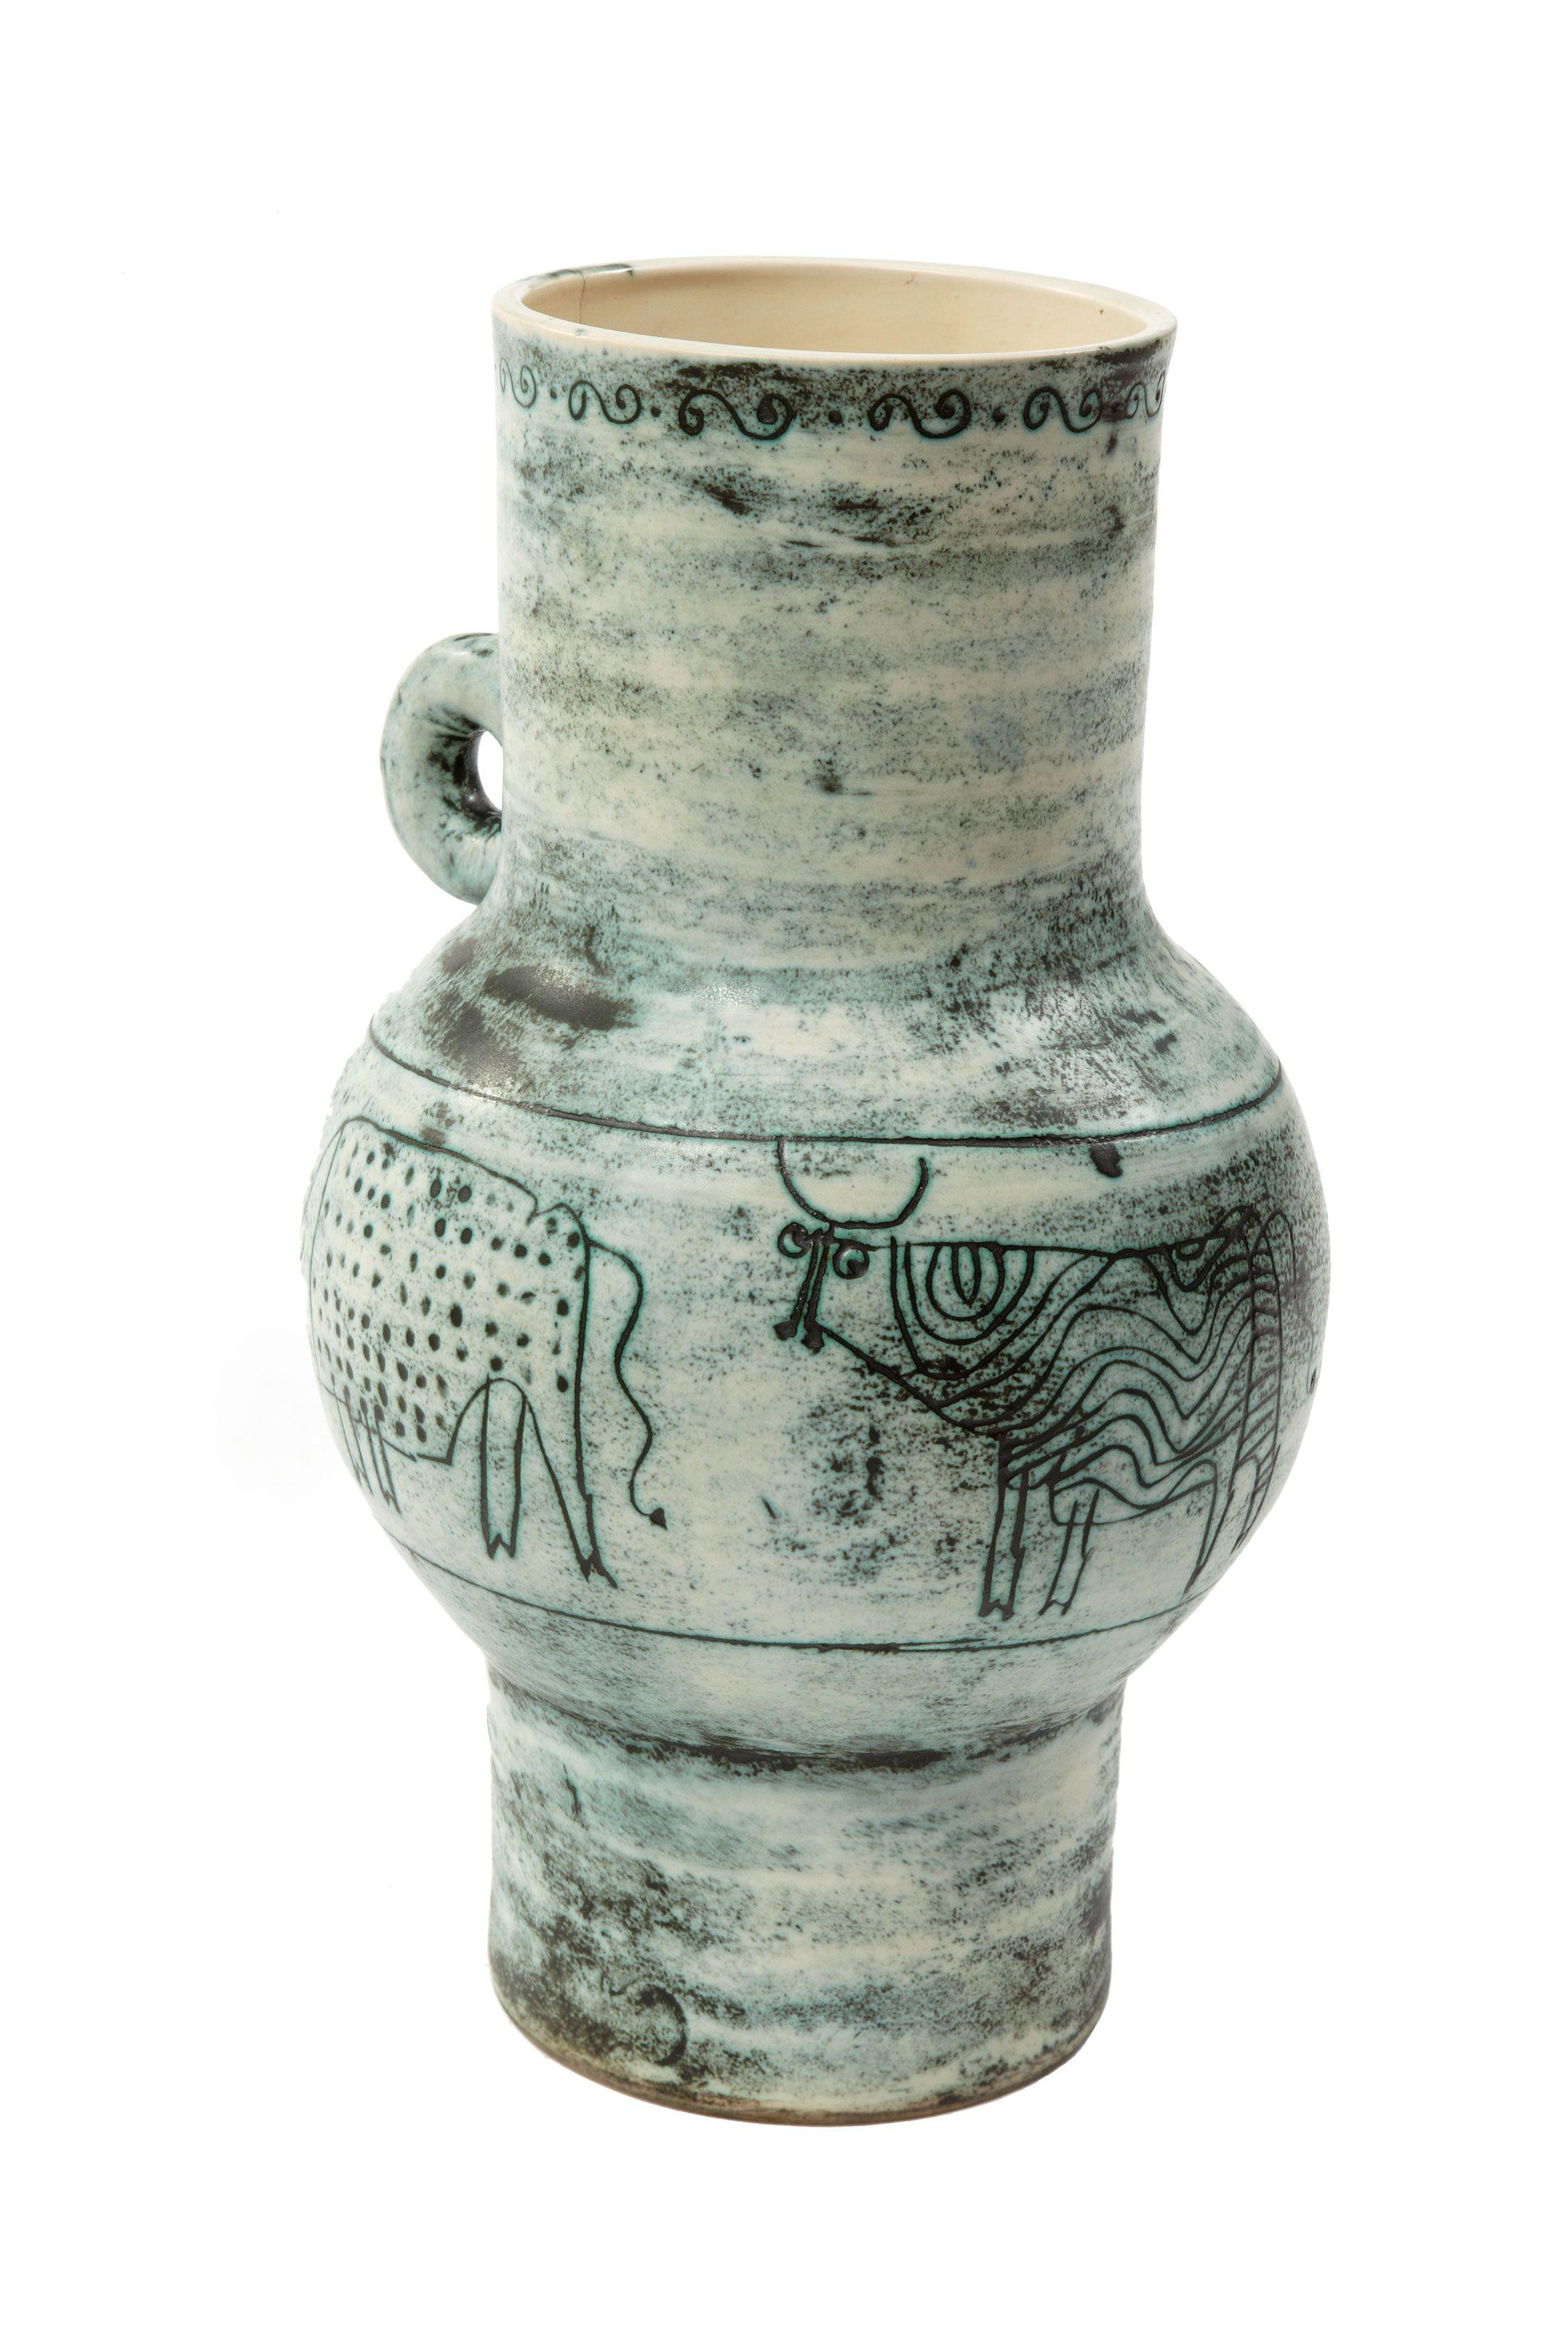 """BLIN Jacques (1920-1995) Vase  Vase en céramique à couverte blanche/verte, à une anse Décor d'une frise de vaches stylisées Signé sous la base """"J. Blin""""  H: 32.0 cm -  Sold 300 € on www.artprecium.com #Design"""